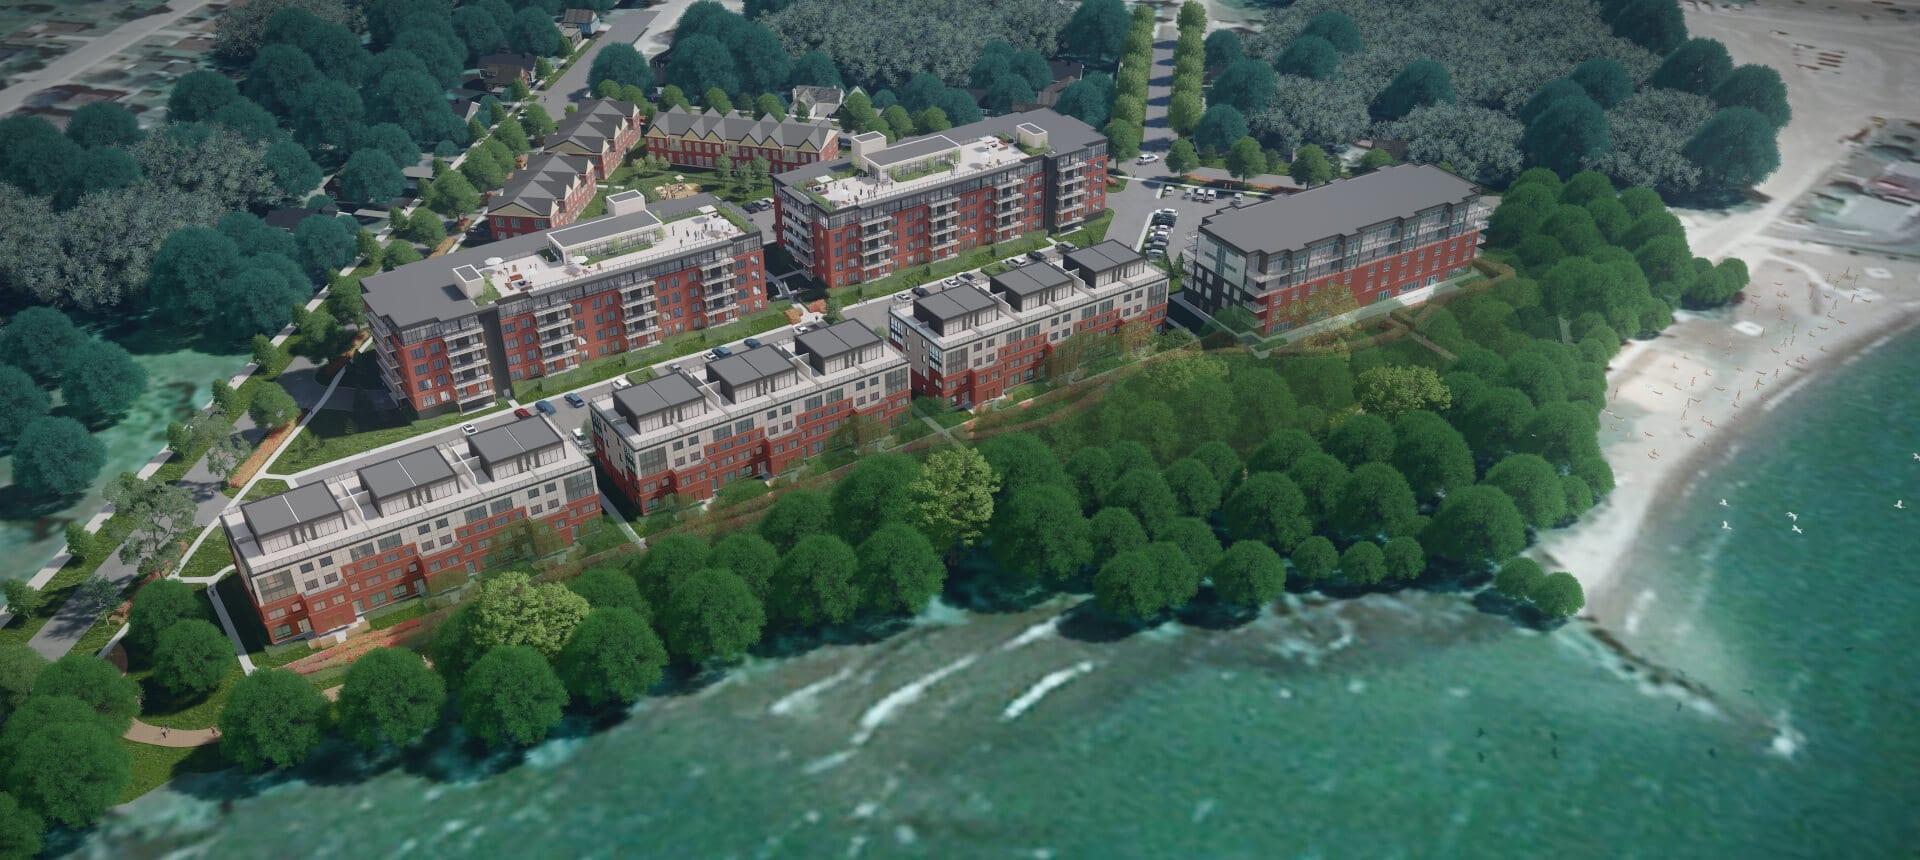 SkyDev Development Meaford - Waterfront Rendering